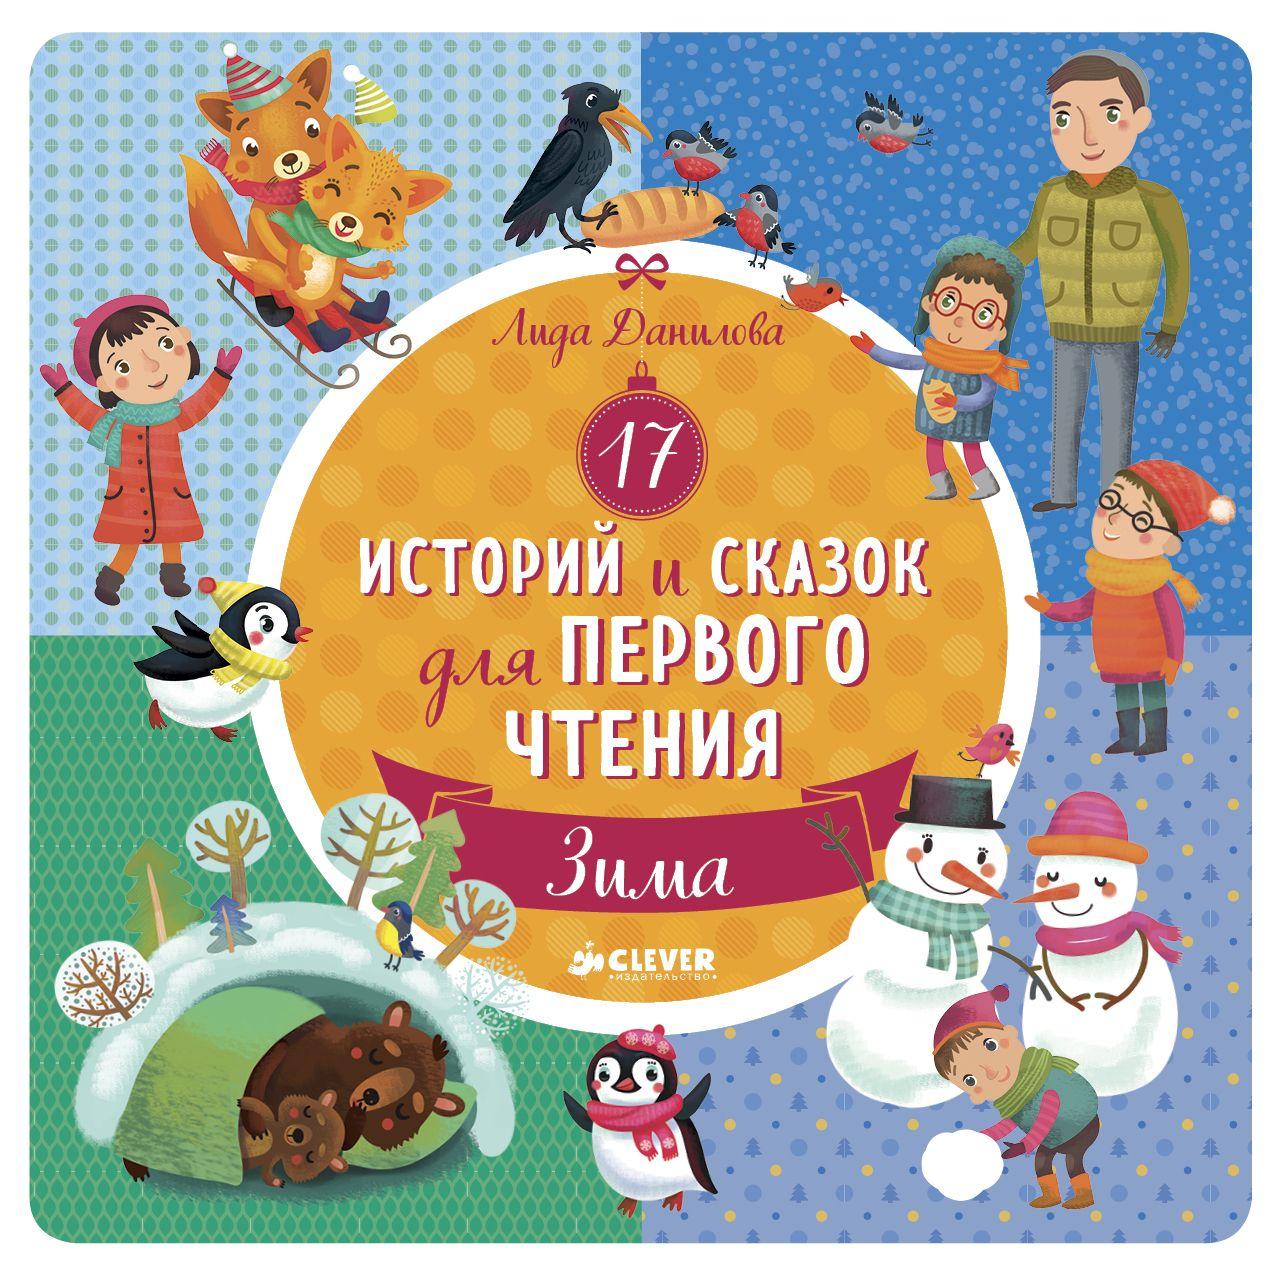 Купить 17 историй и сказок для первого чтения. Зима, Издательство Клевер